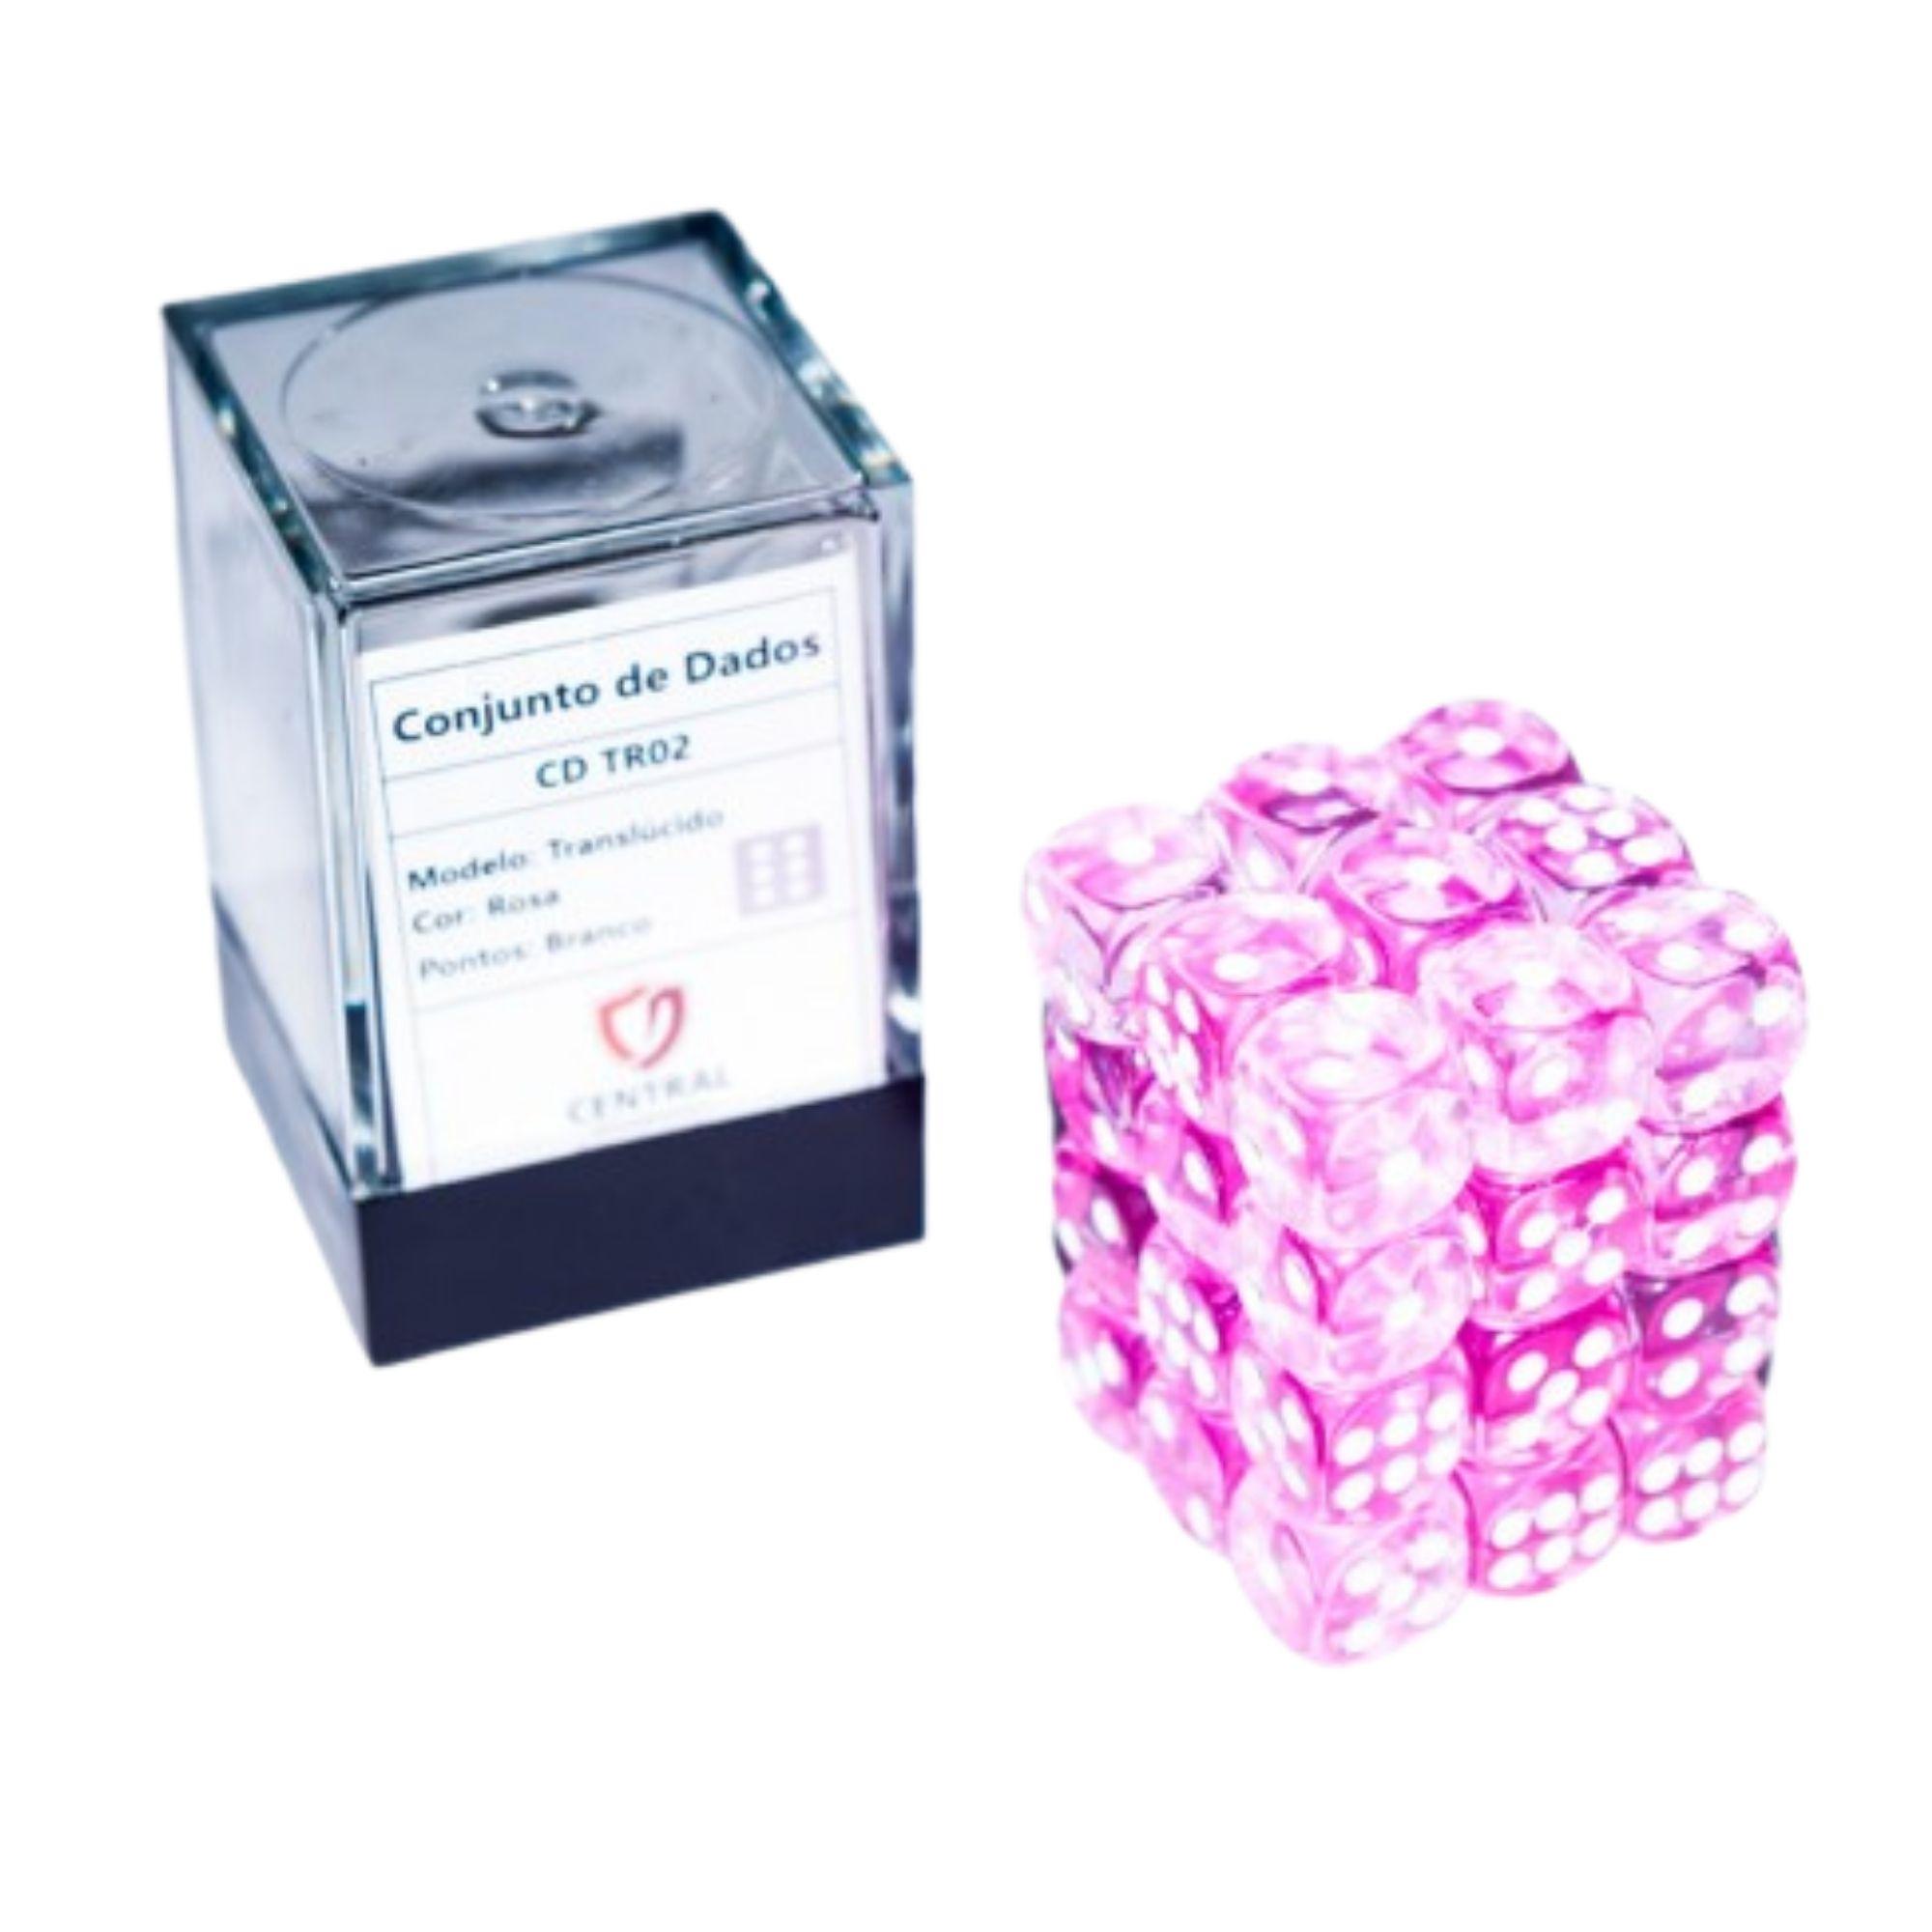 Central Dices Conjuntos 36 Dados D6 Translúcido Rosa e Branco